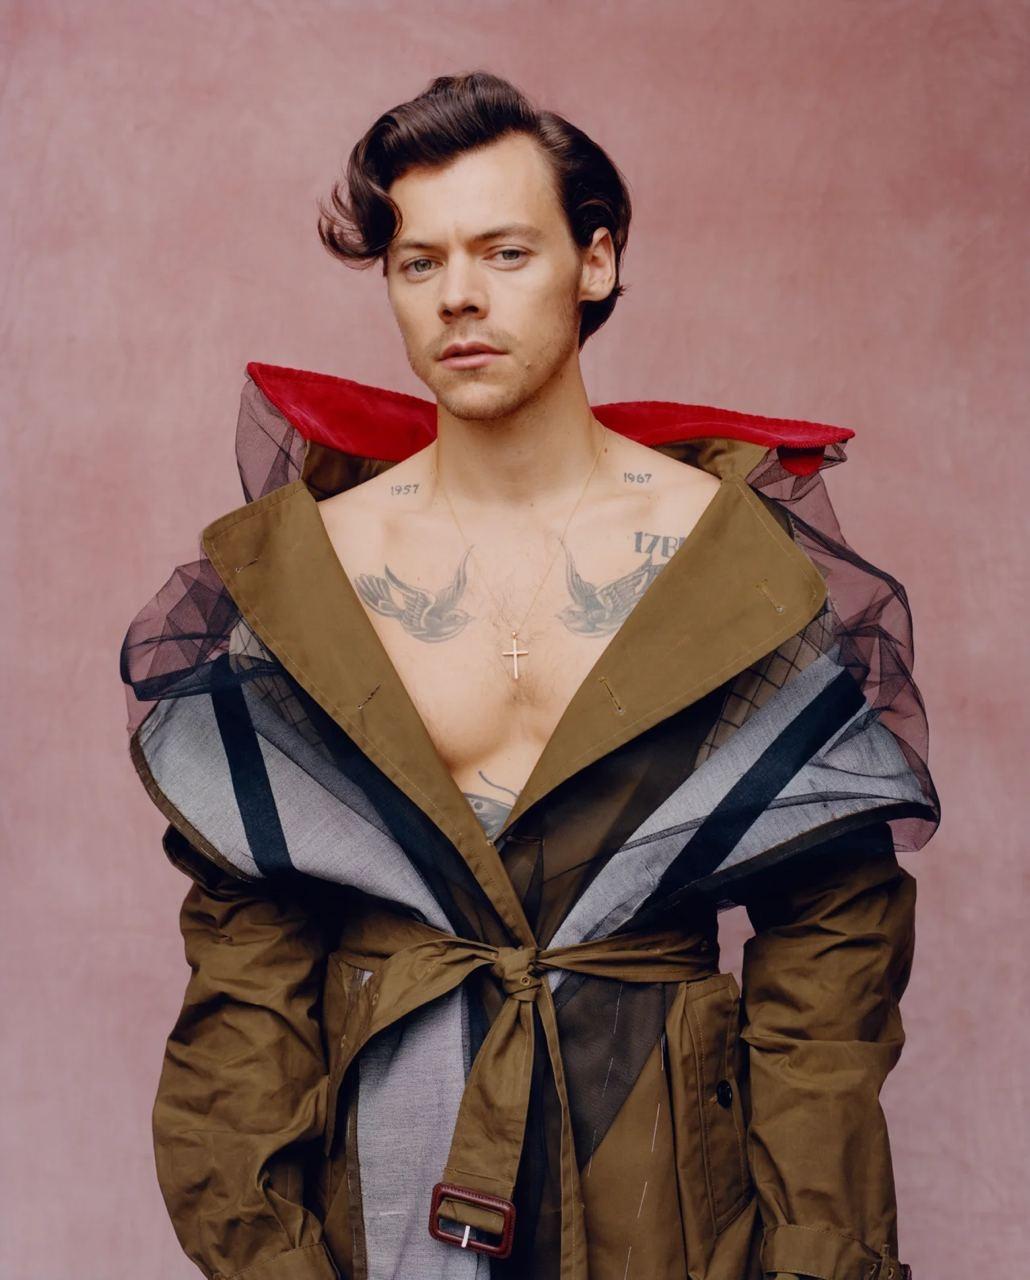 Гарри Стайлс примерил кружевные платья и юбки Gucci для американского Vogue (ФОТО) - фото №3